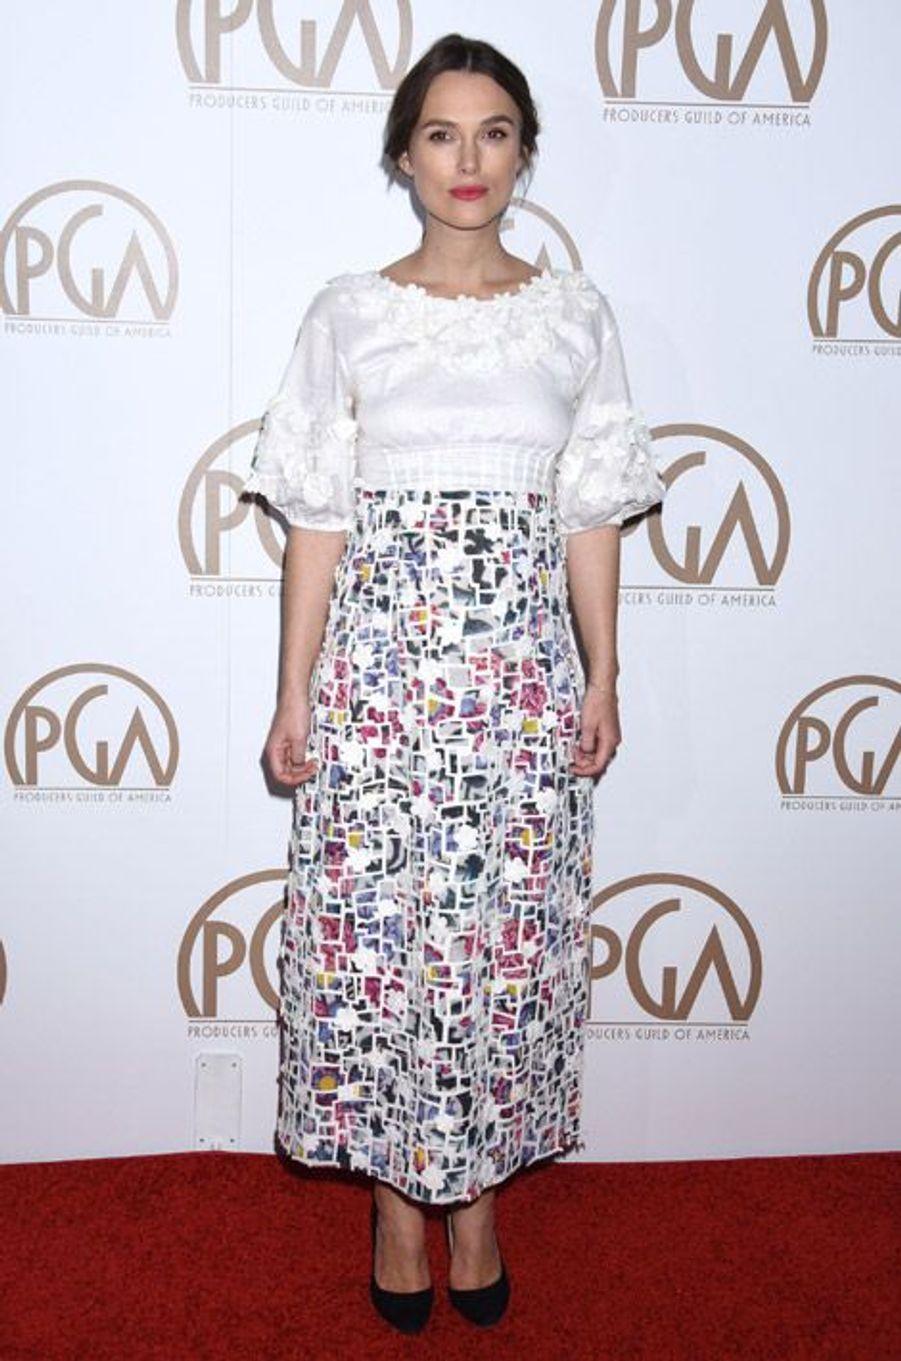 L'actrice Keira Knightley lors de la cérémonie des Producers Guild Awards à Los Angeles, le 24 janvier 2015